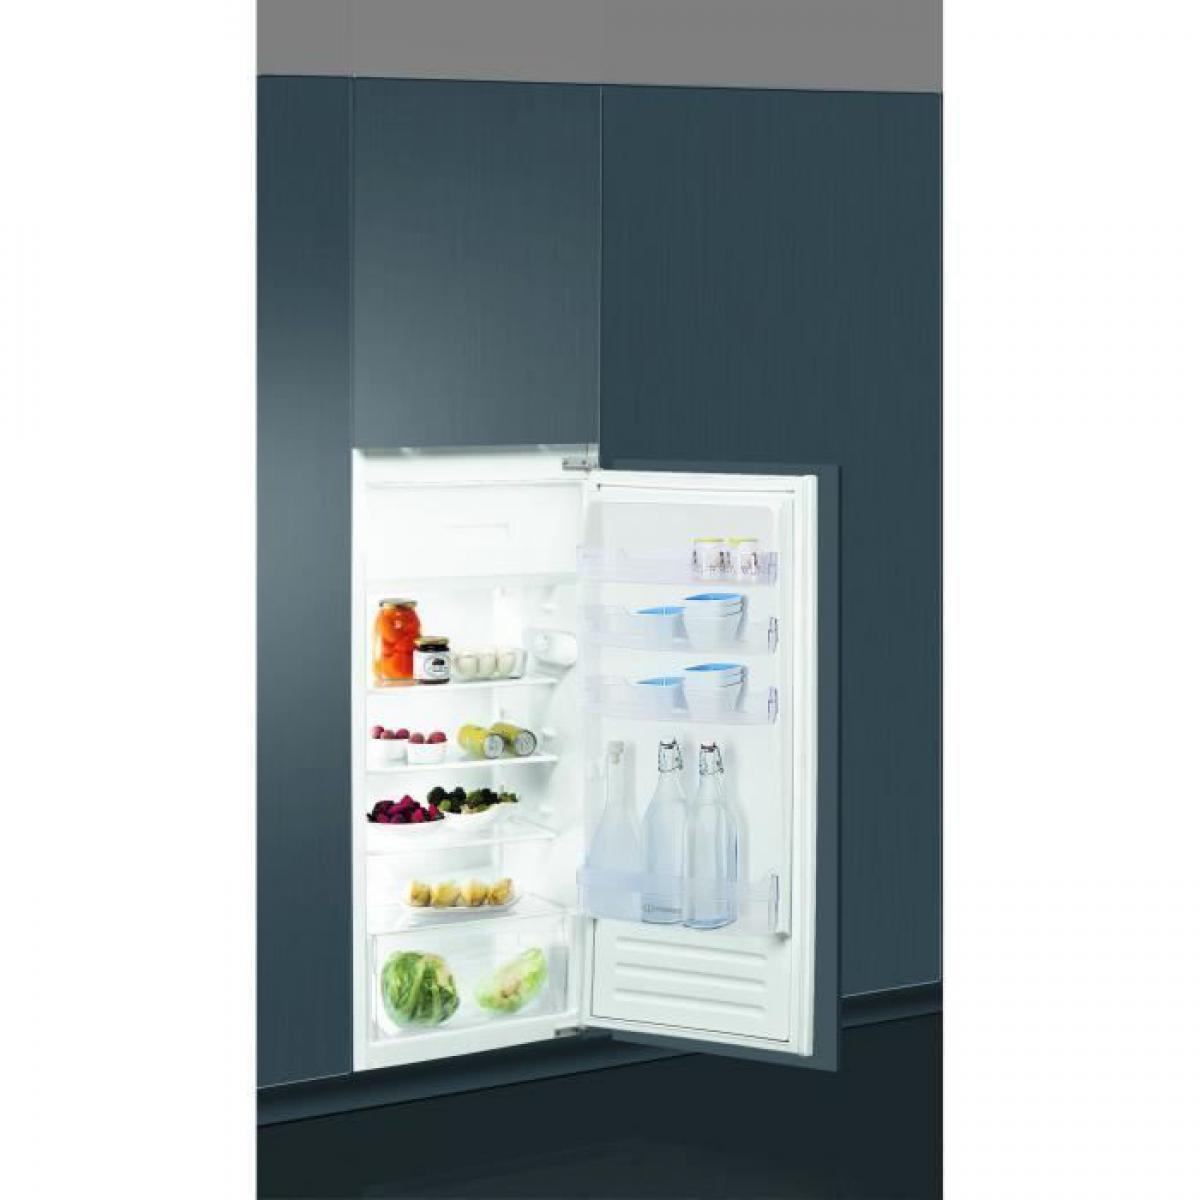 Indesit Réfrigérateur combiné 191L Froid Statique INDESIT 54cm A+, IND8050147056103